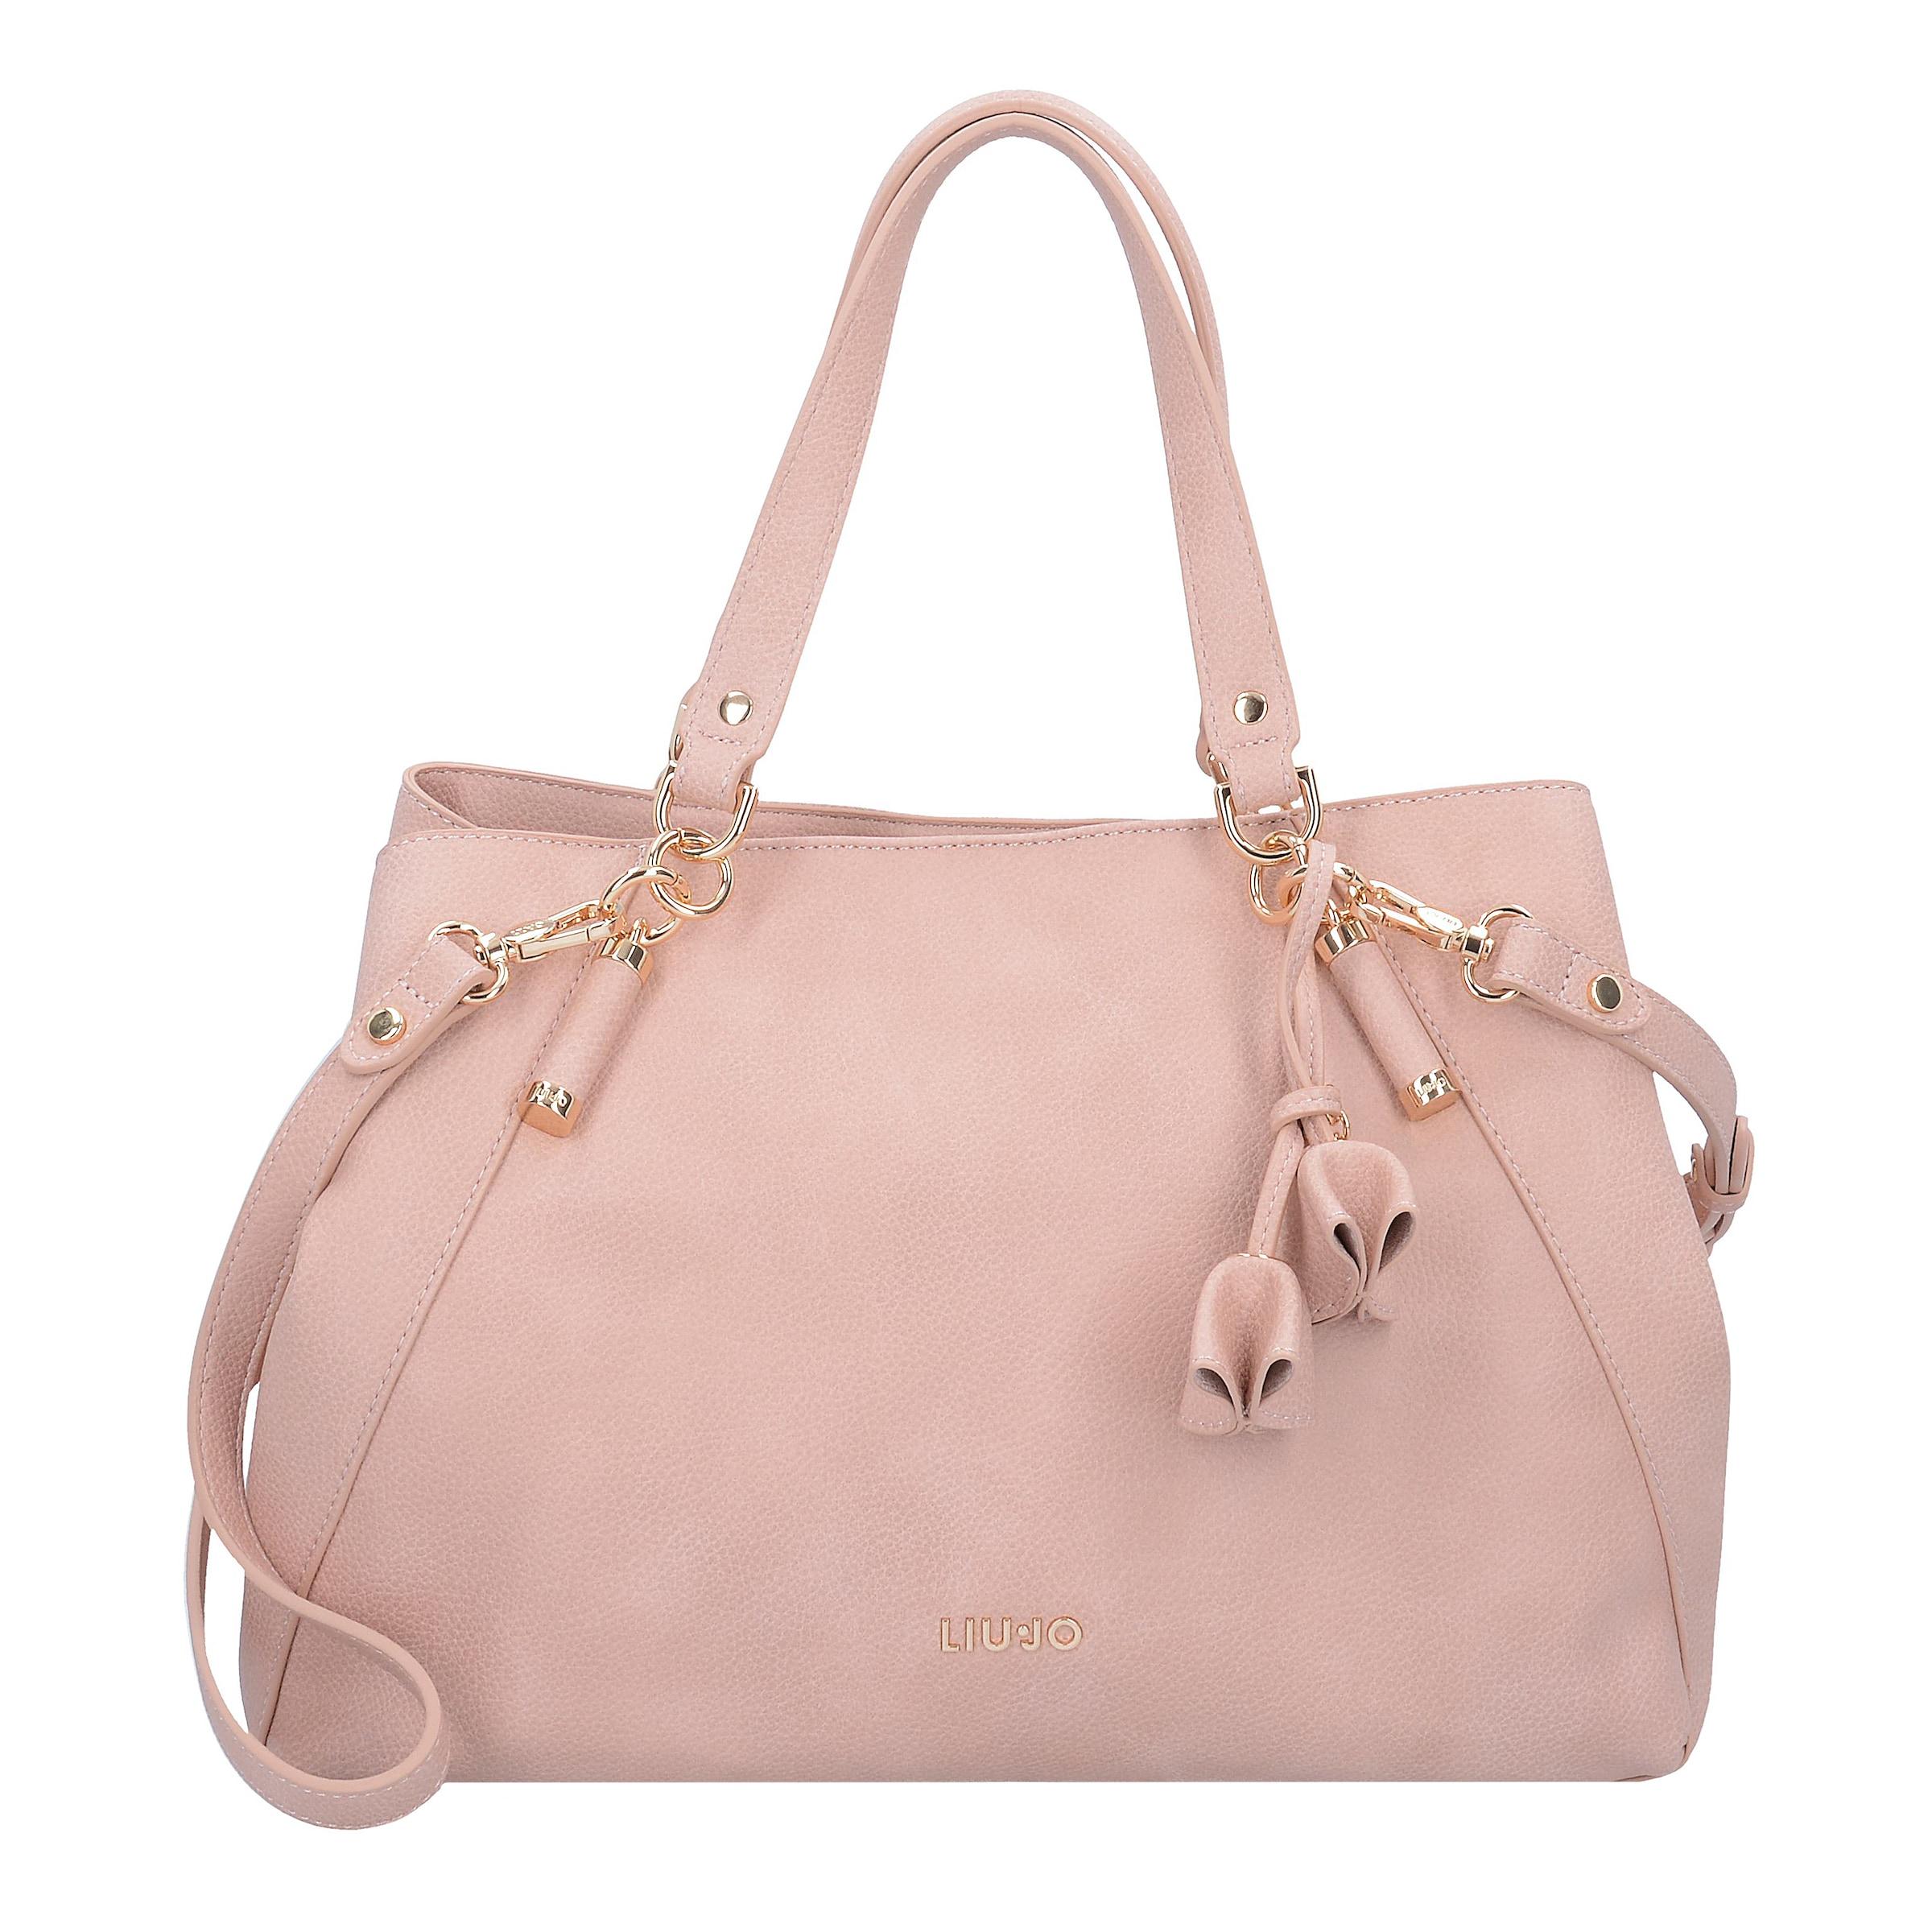 Liu Jo 'Niagara' Handtasche 35 cm Abschlagen 7VfCkoDb9u